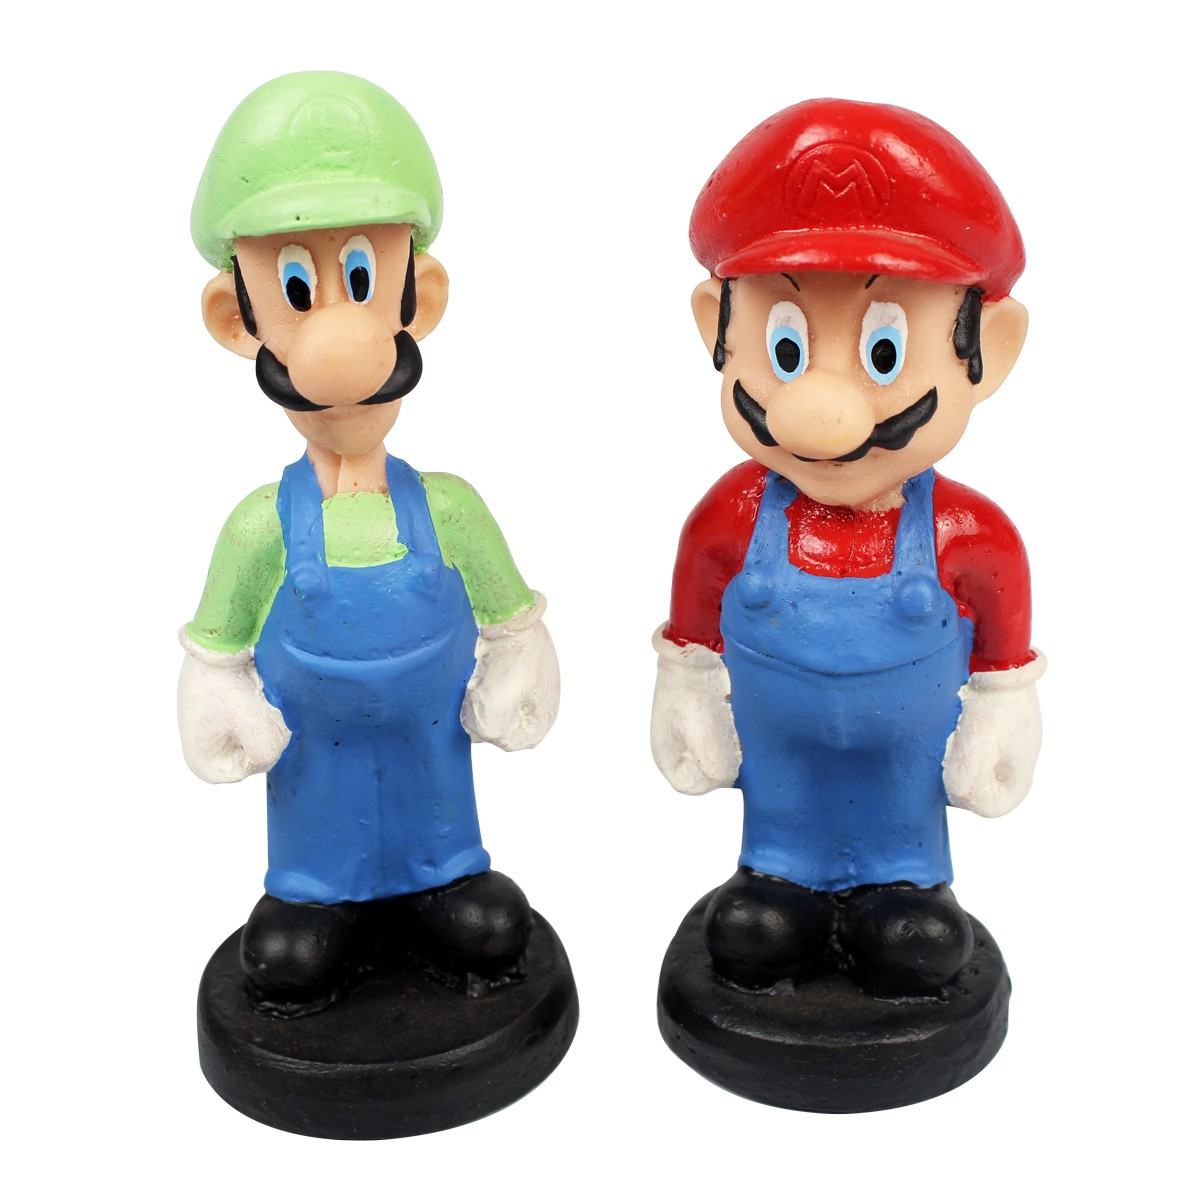 Kit Colecionável Em Resina Mario Bross e Luigi